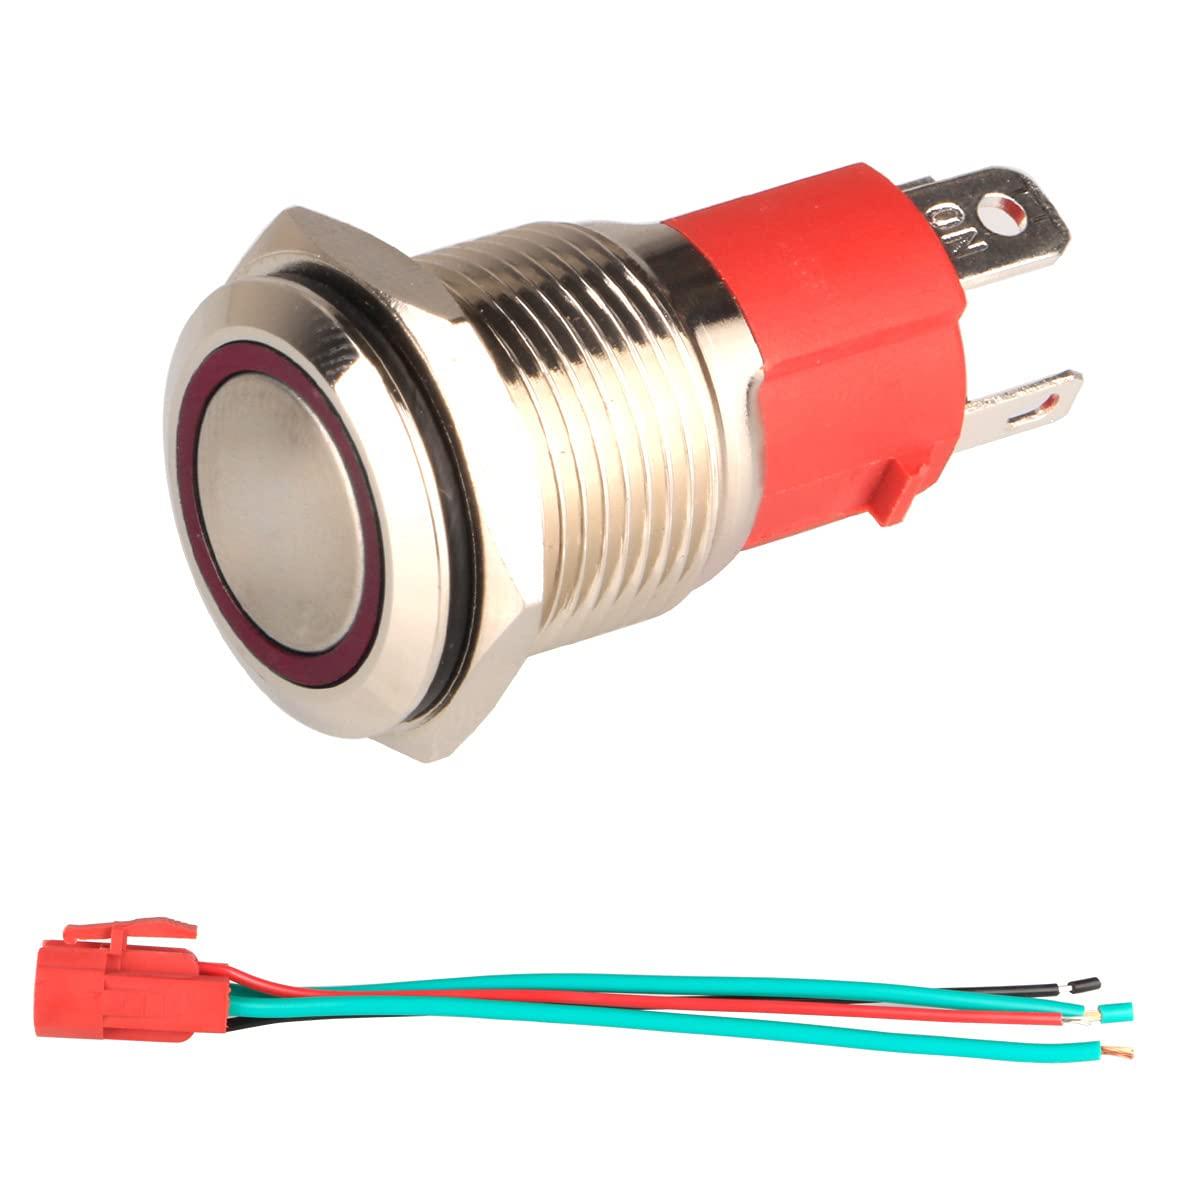 GUUZI 12V-24V / 15A Interruptor de Botón Momentáneo NO, Luz LED Roja Impermeable Iluminado 16mm Botón de Encendido de Metal con Cable de Enchufe